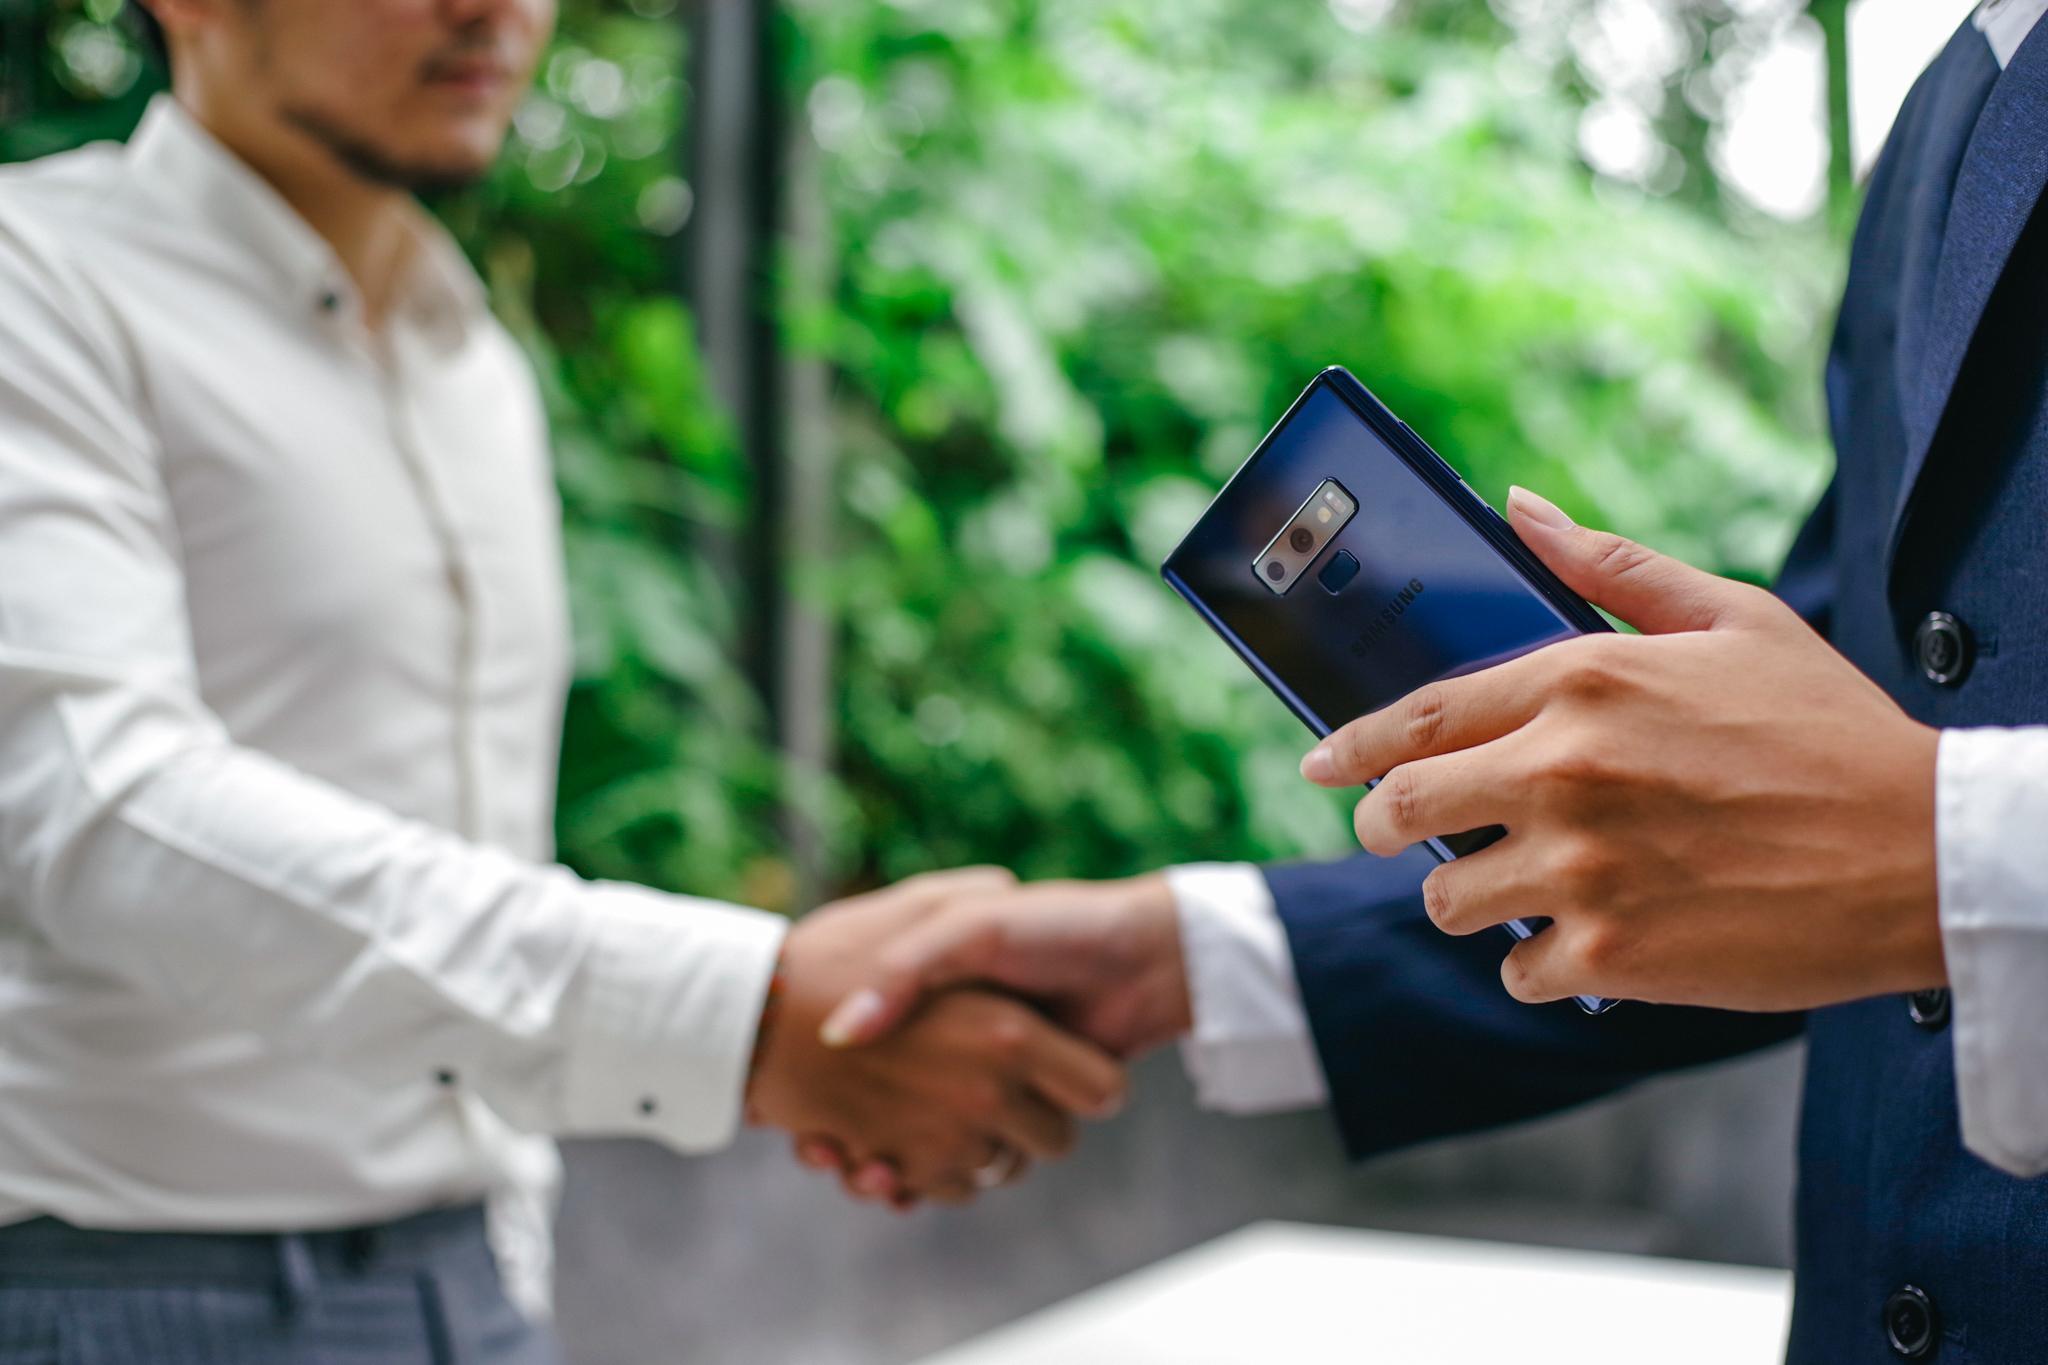 Không chỉ là điện thoại, Galaxy Note9 còn là công cụ tuyệt vời cho chàng trai này kiếm tiền hàng ngày - Ảnh 2.